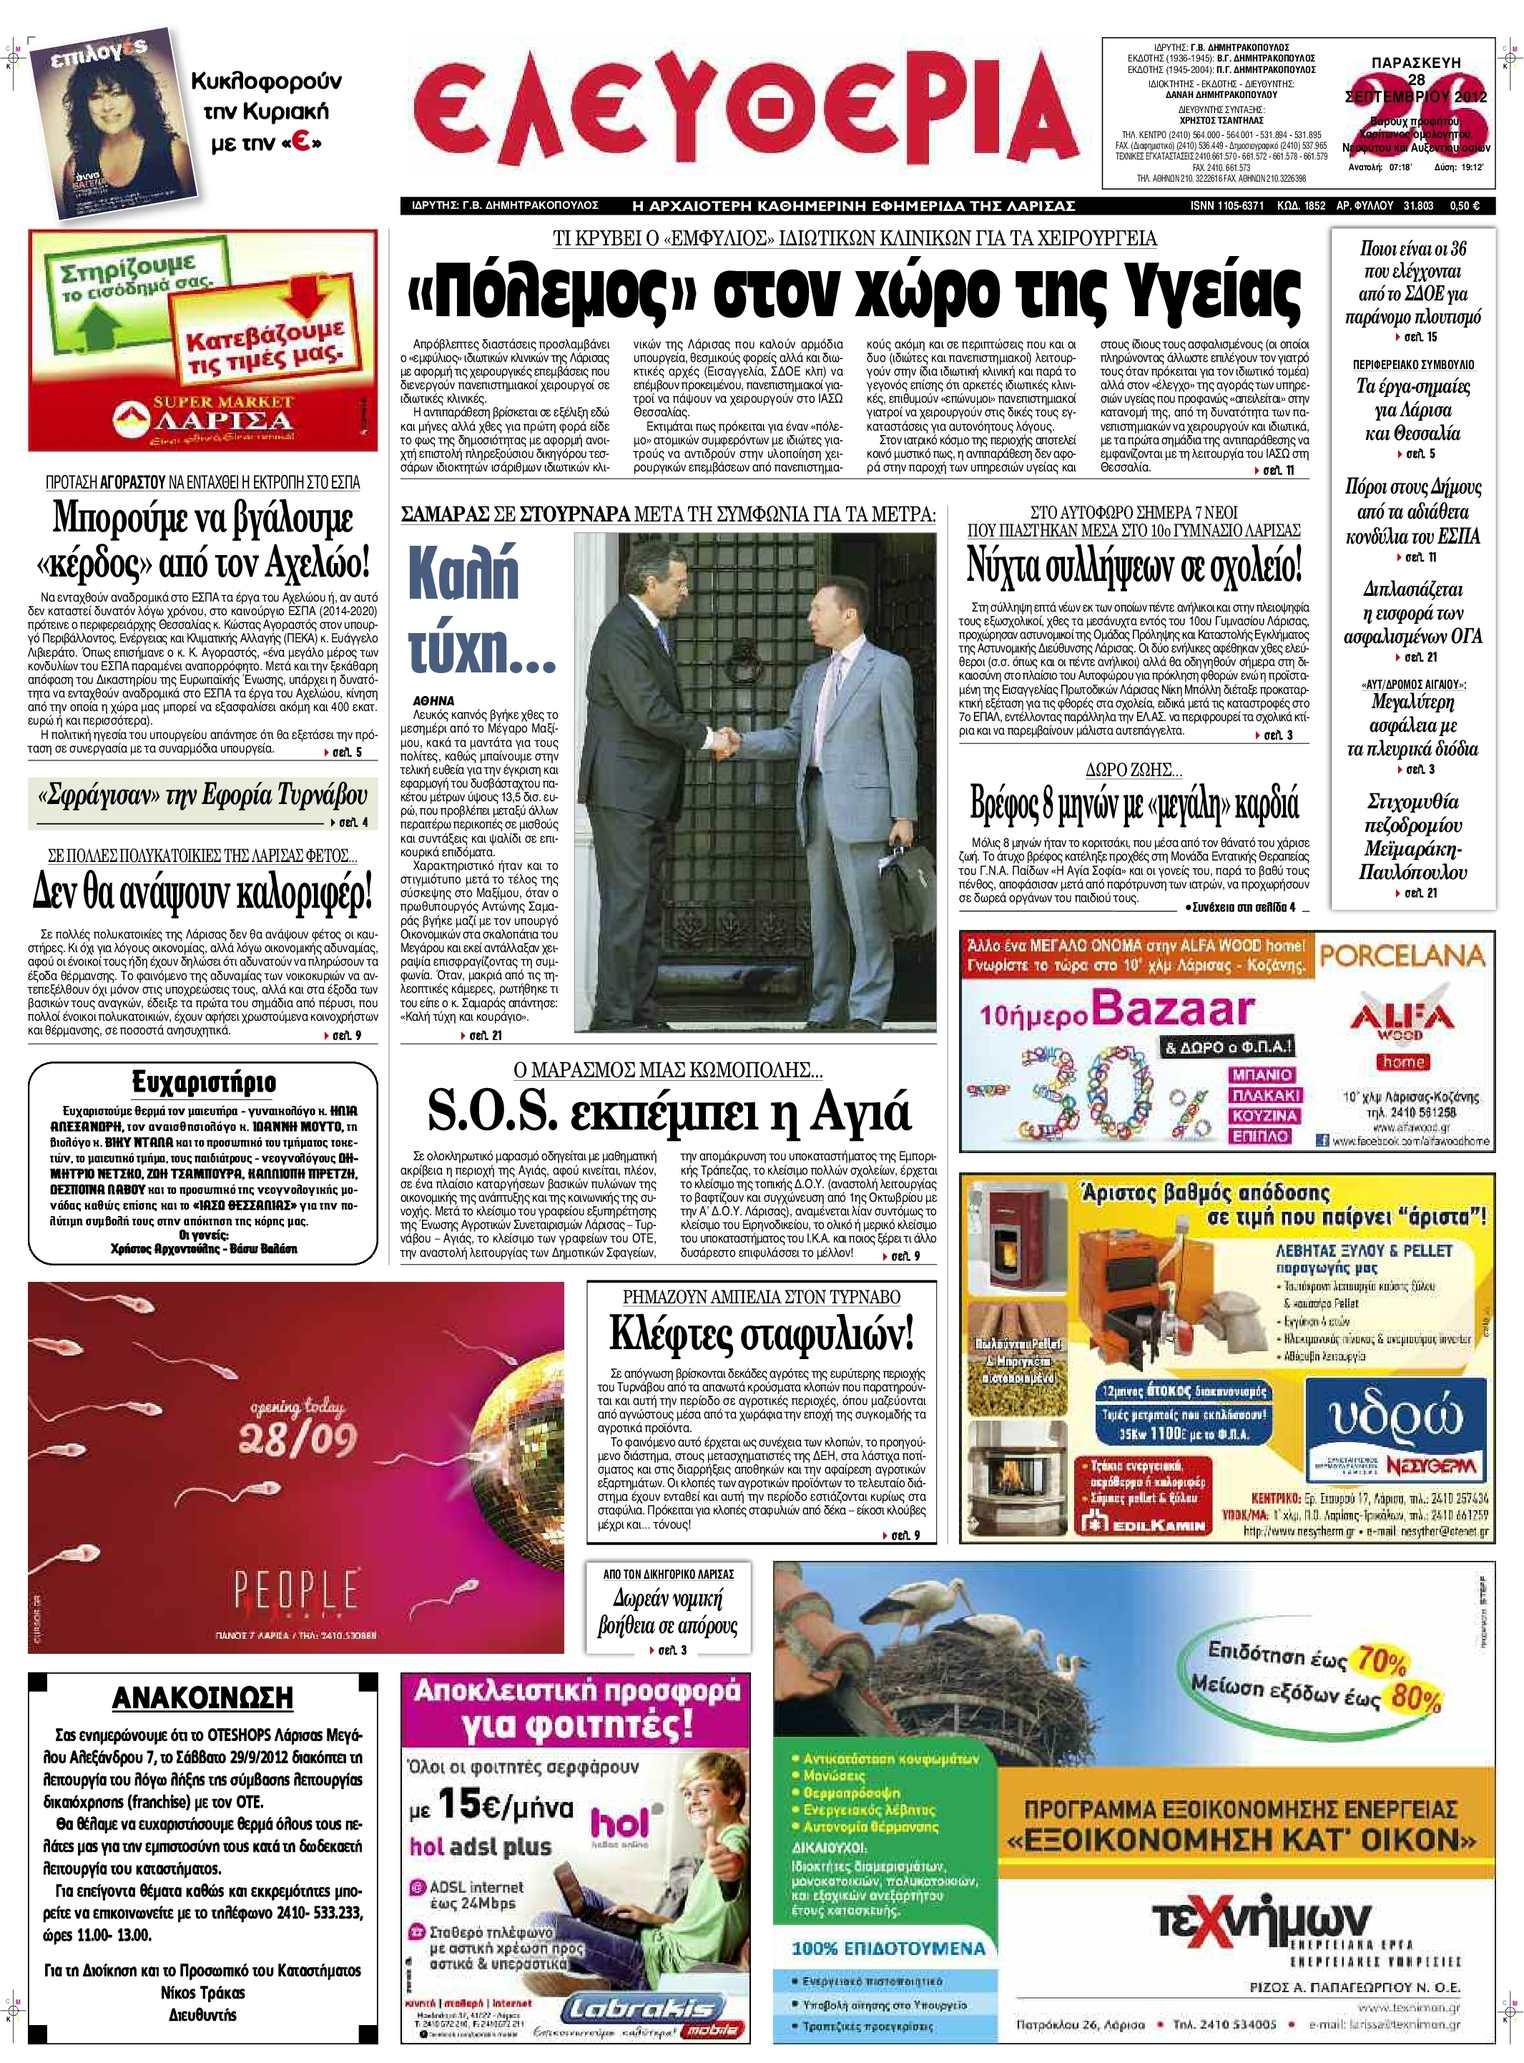 2a2d0fcec2f Calaméo - Eleftheria.gr_28/09/2012